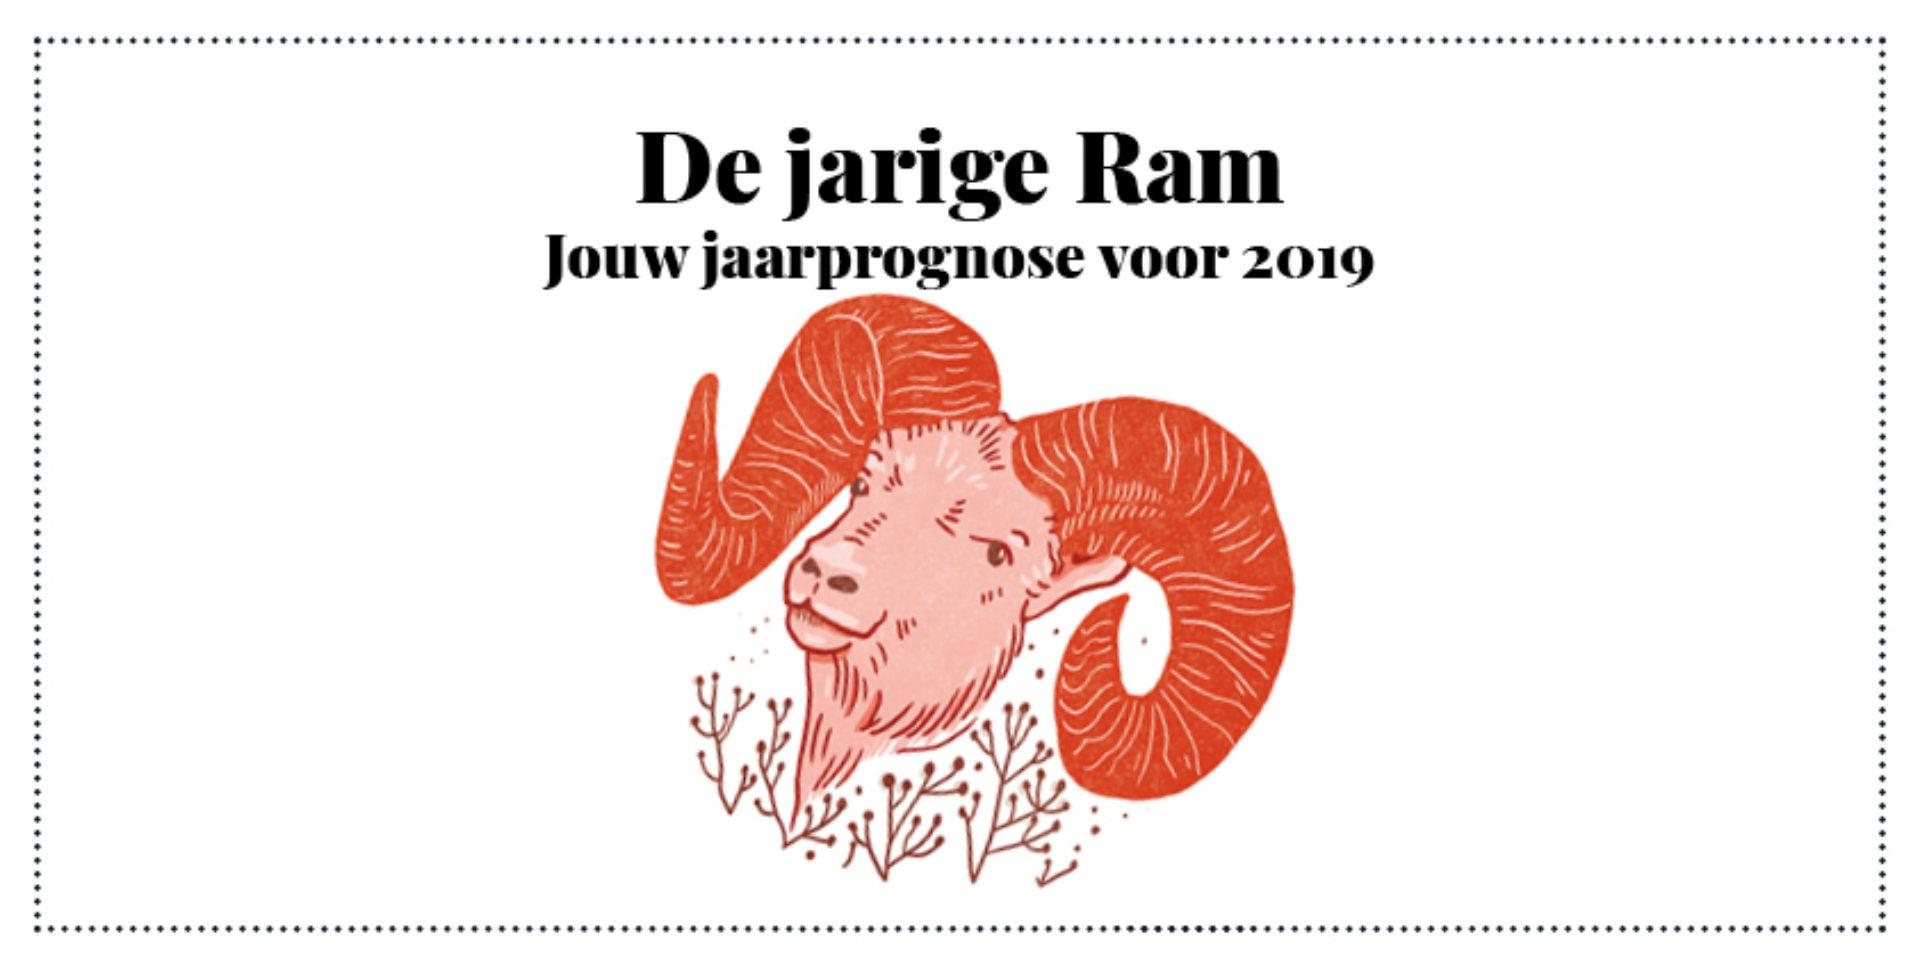 Ram, jouw jaarhoroscoop 2019-2020